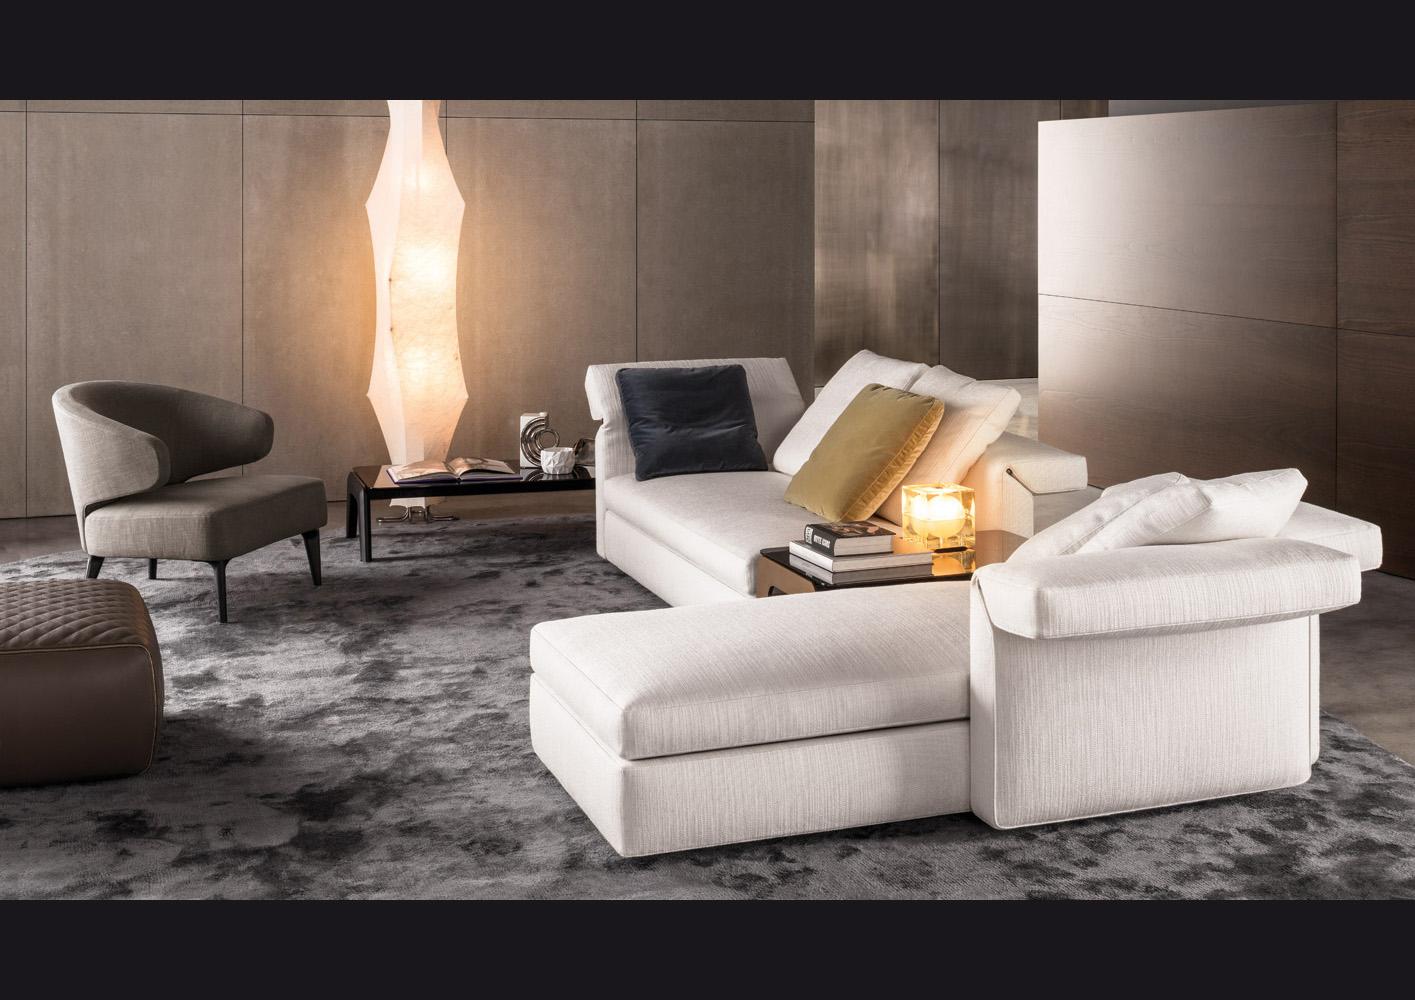 Collar di minotti divani e poltrone arredamento for Divano letto minotti